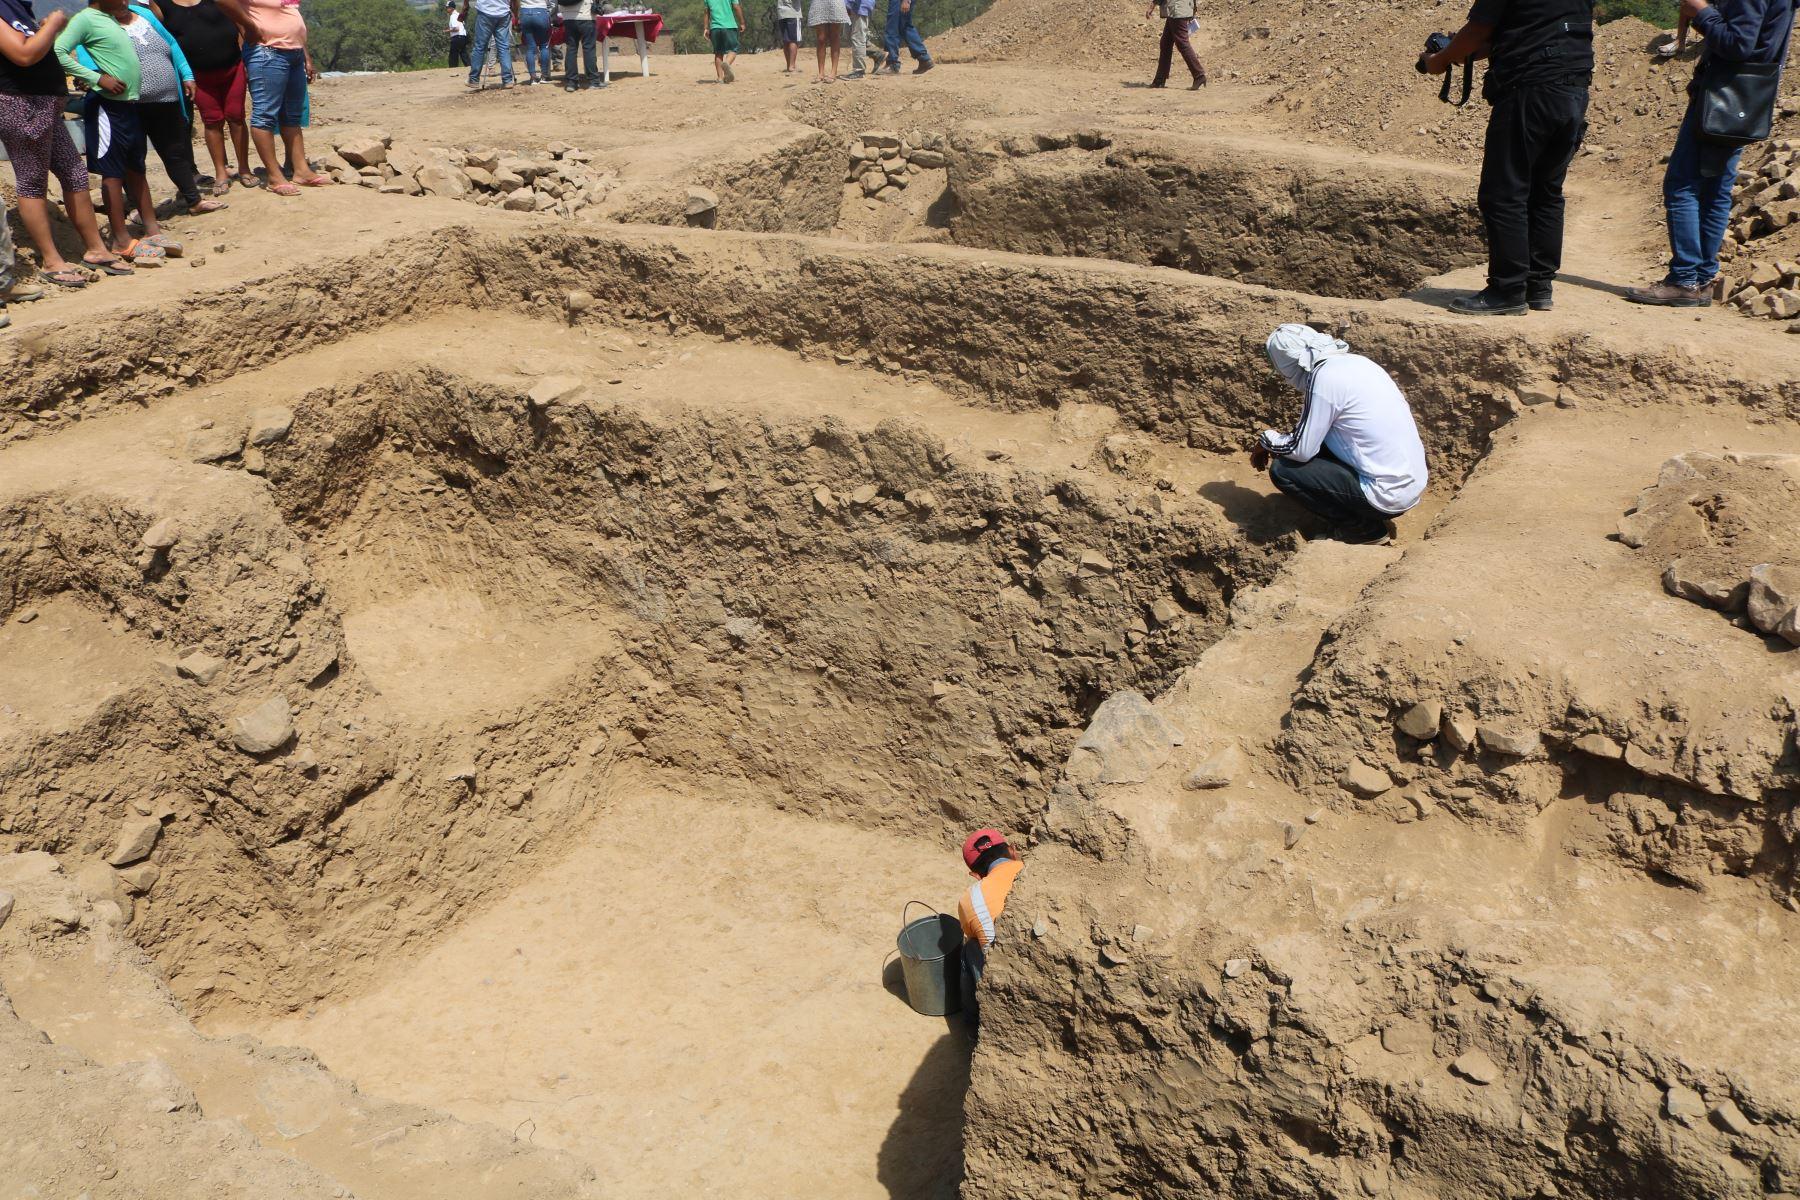 El templo ceremonial descubierto en la Huaca El Toro es la única estructura megalítica que existe en la región Lambayeque. Foto: ANDINA/Difusión